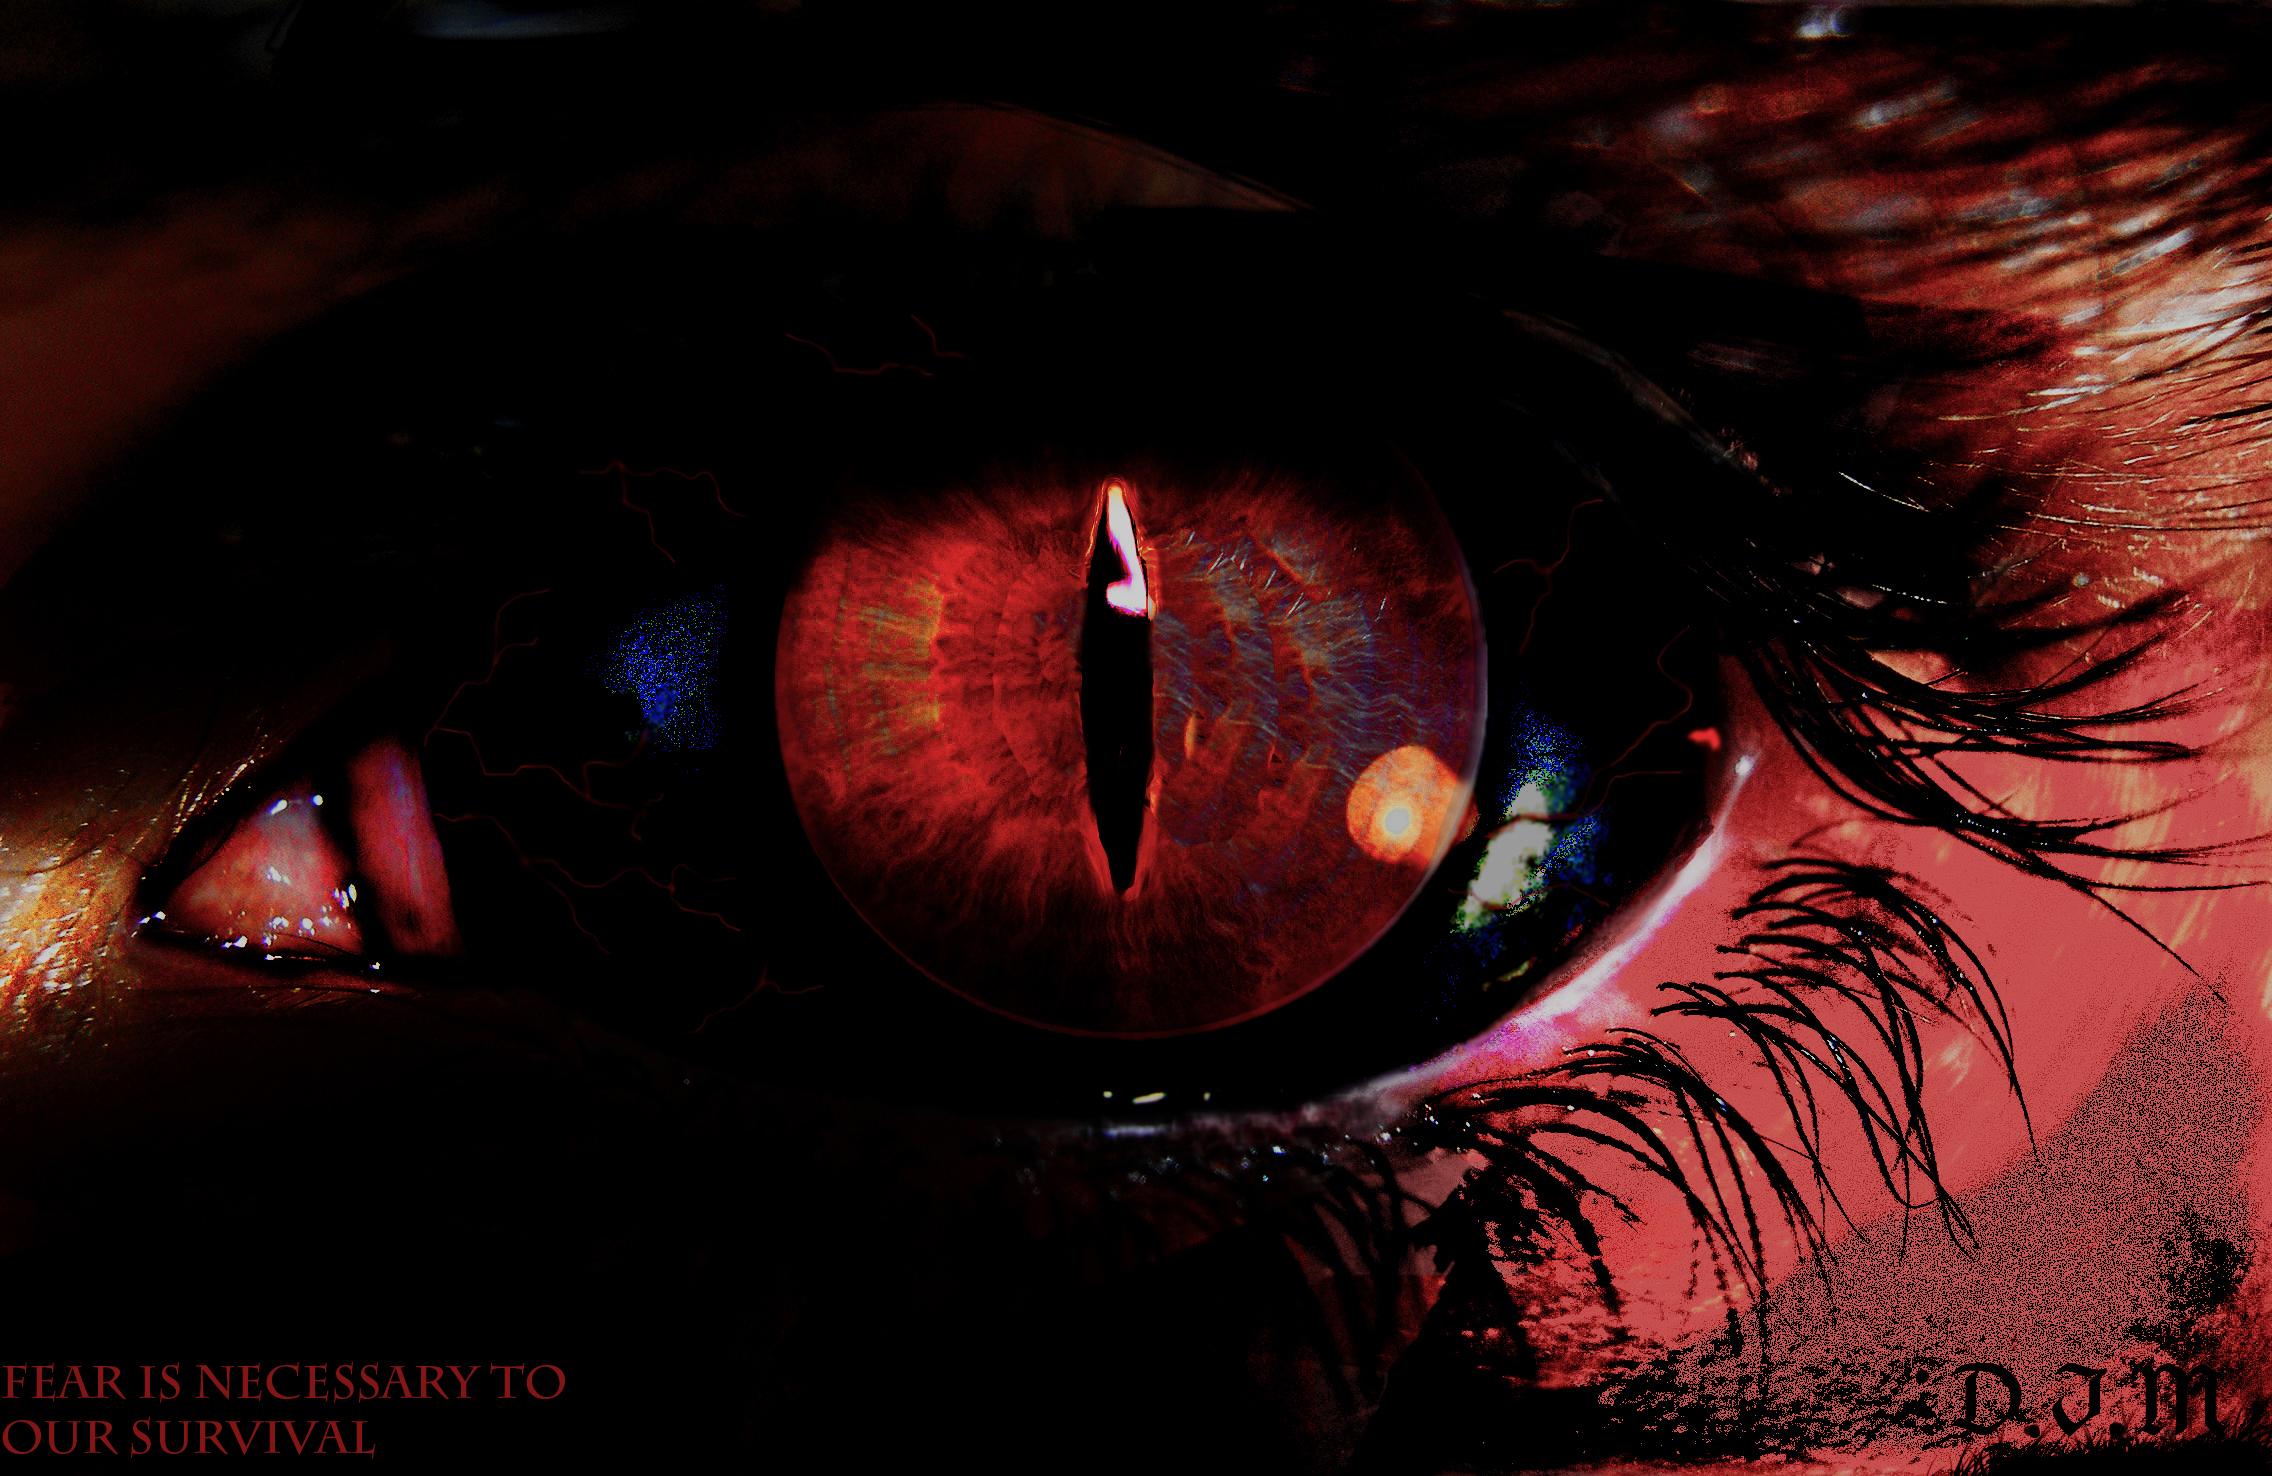 dark inside demon eye quotevcom - 1024×665